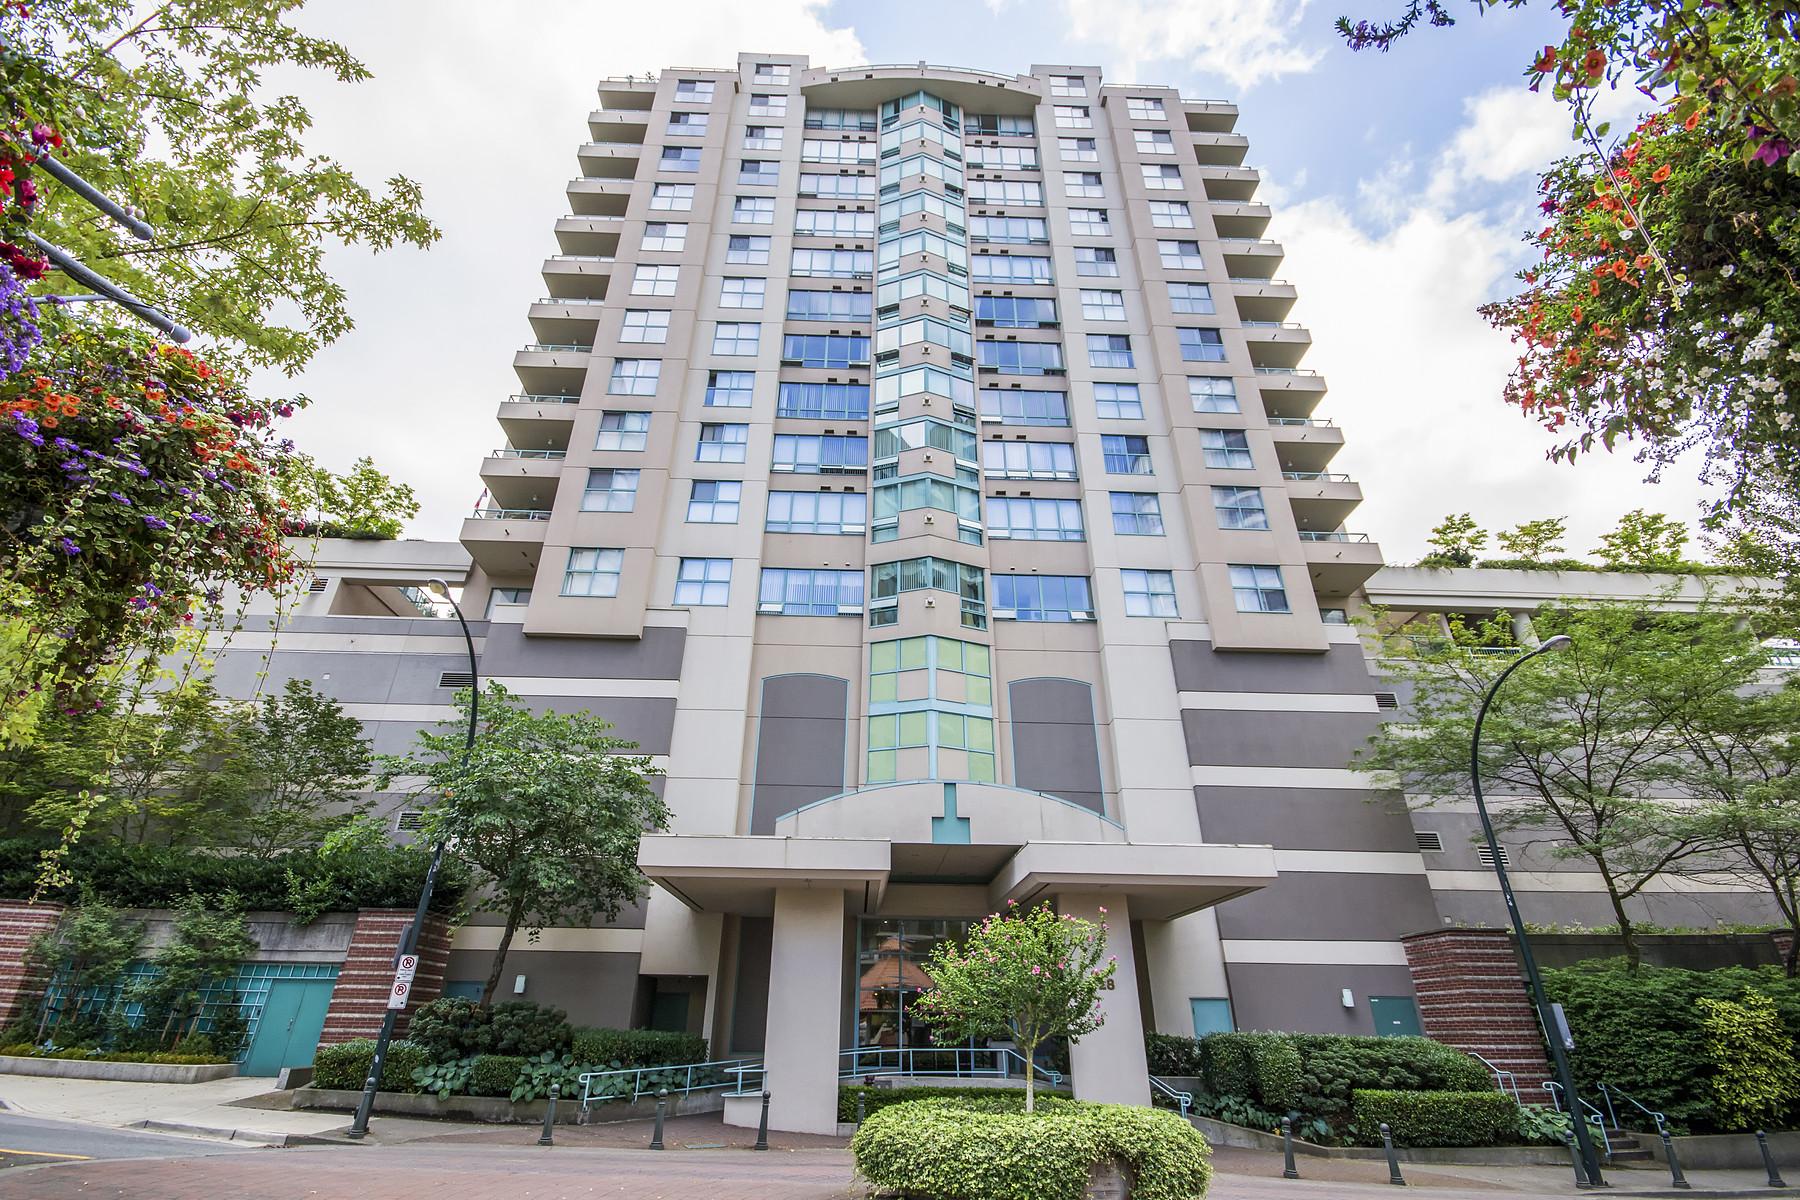 단독 가정 주택 용 매매 에 New Westminster, Greater Vancouver 1501 728 Princess Street New Westminster, 브리티시 컬럼비아주 V3M 6S4 캐나다